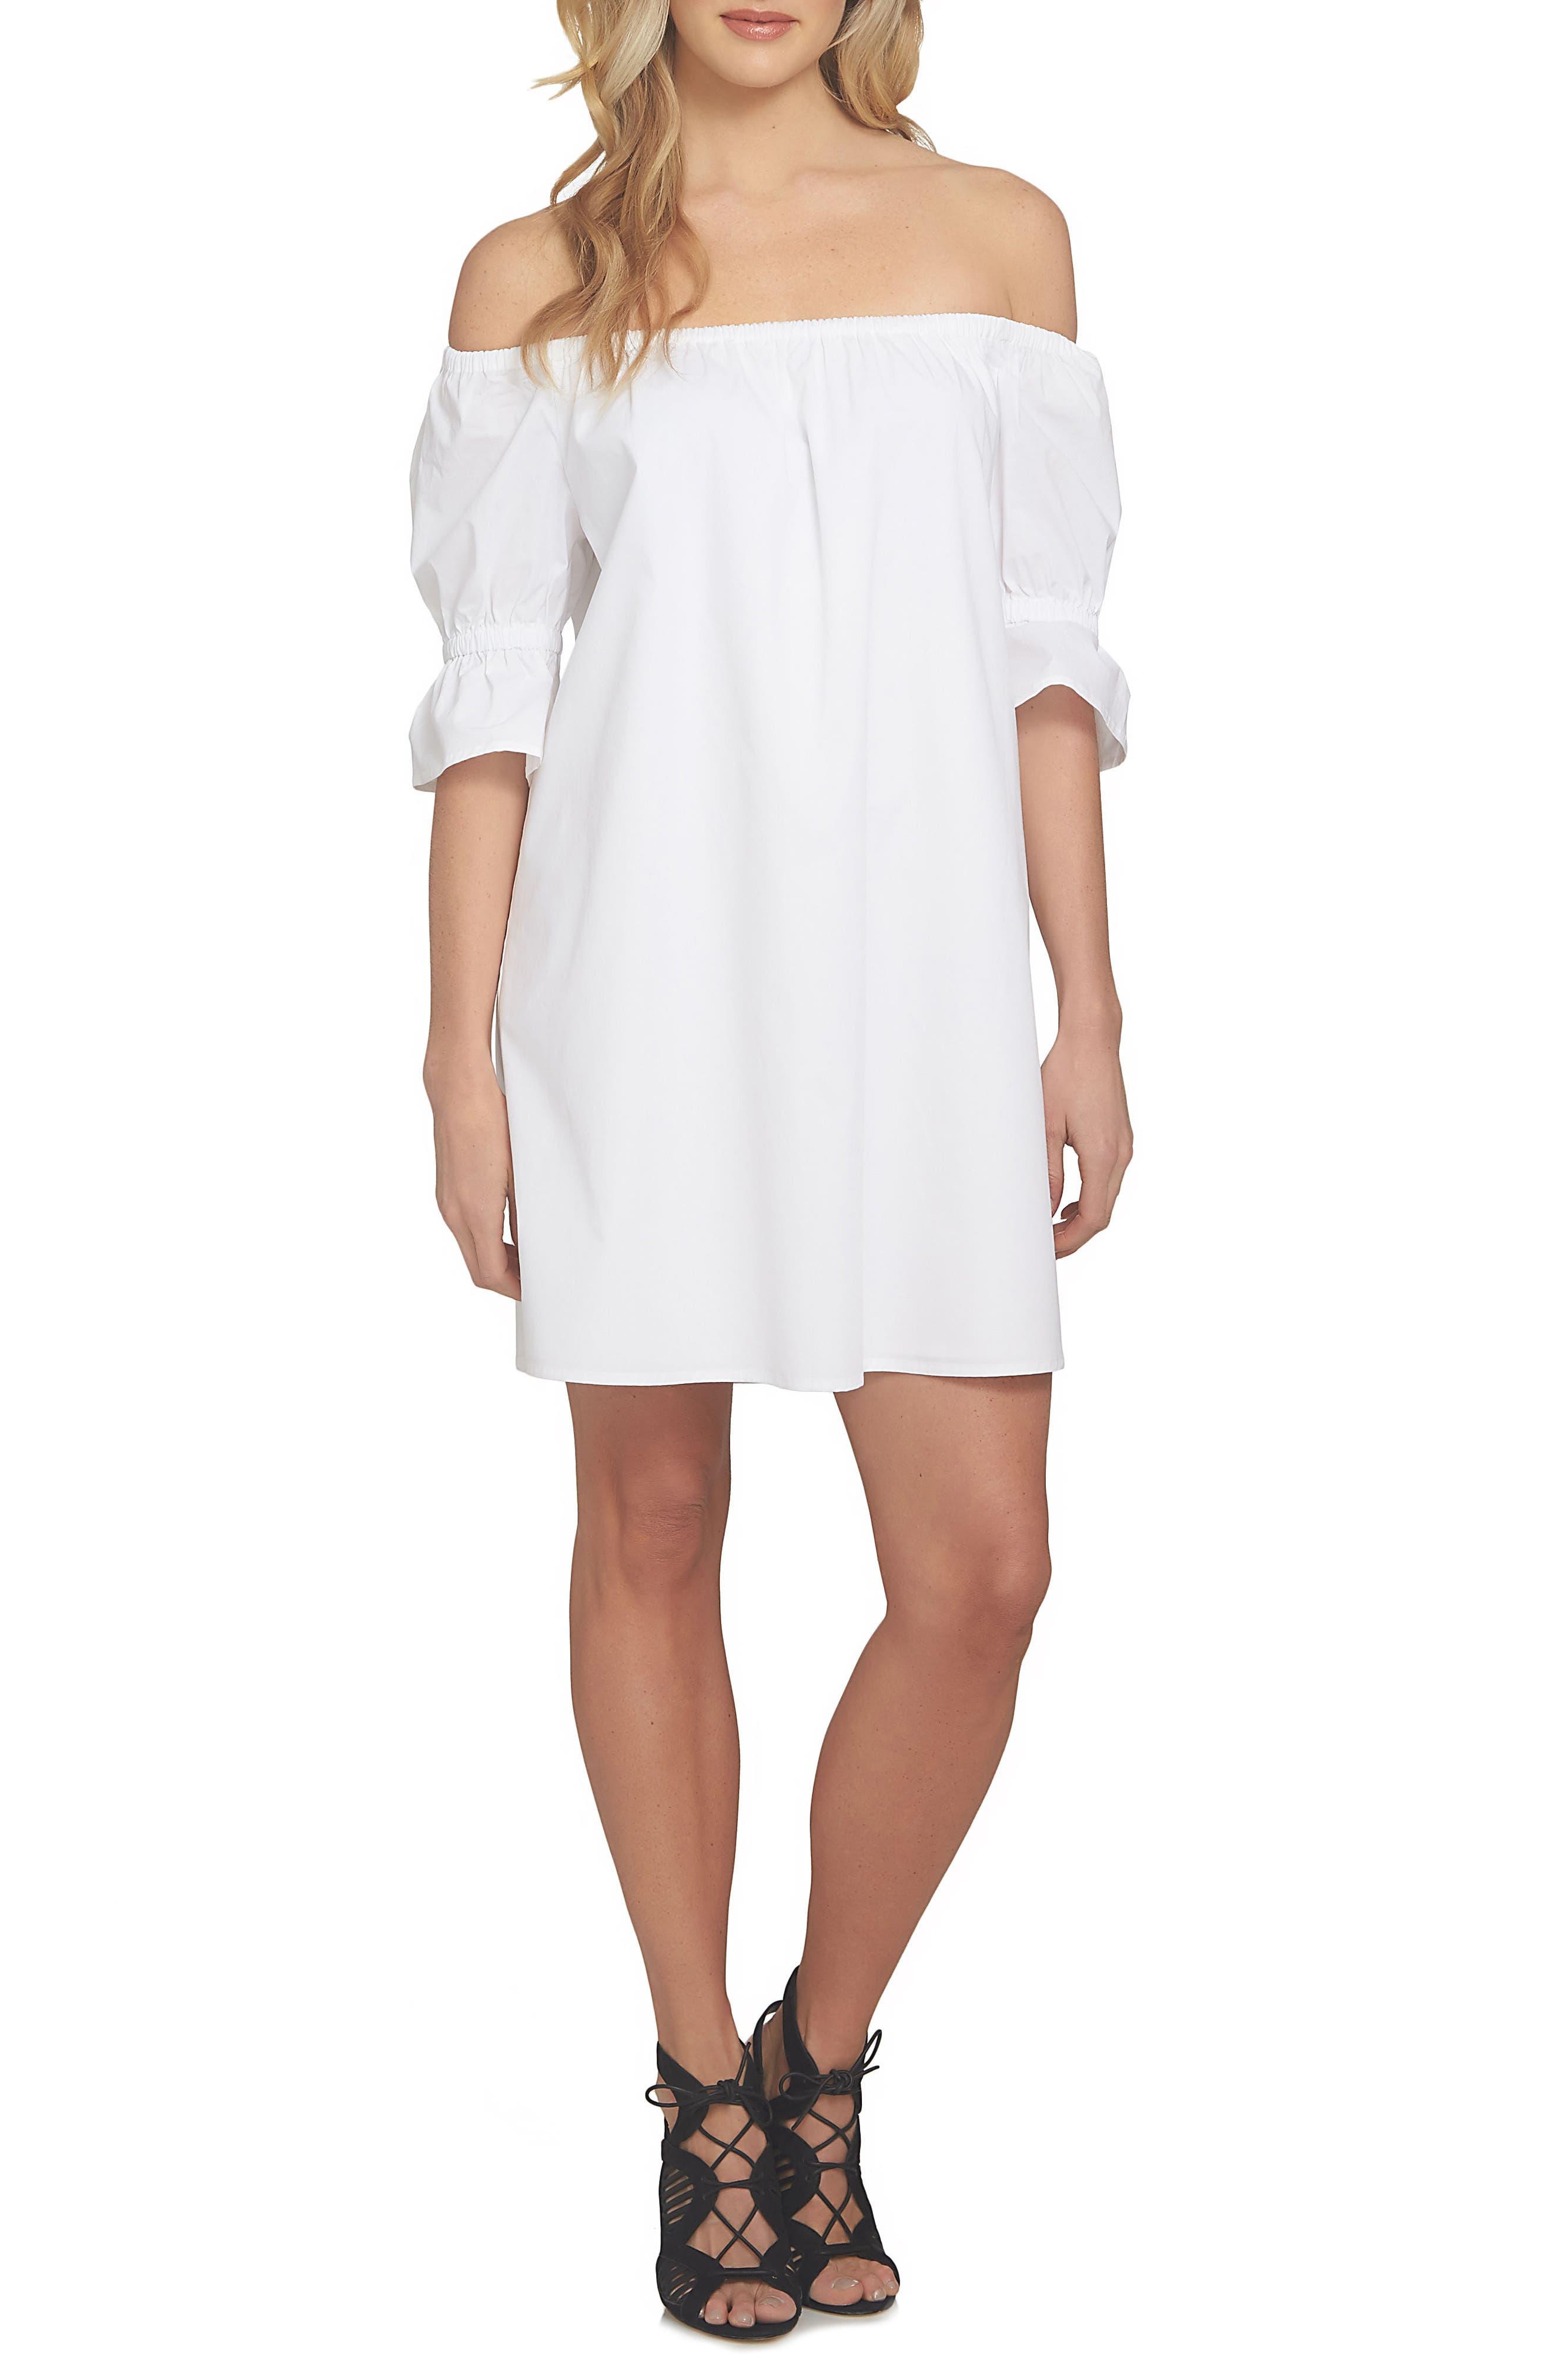 Alternate Image 1 Selected - 1.STATE Off the Shoulder Shift Dress